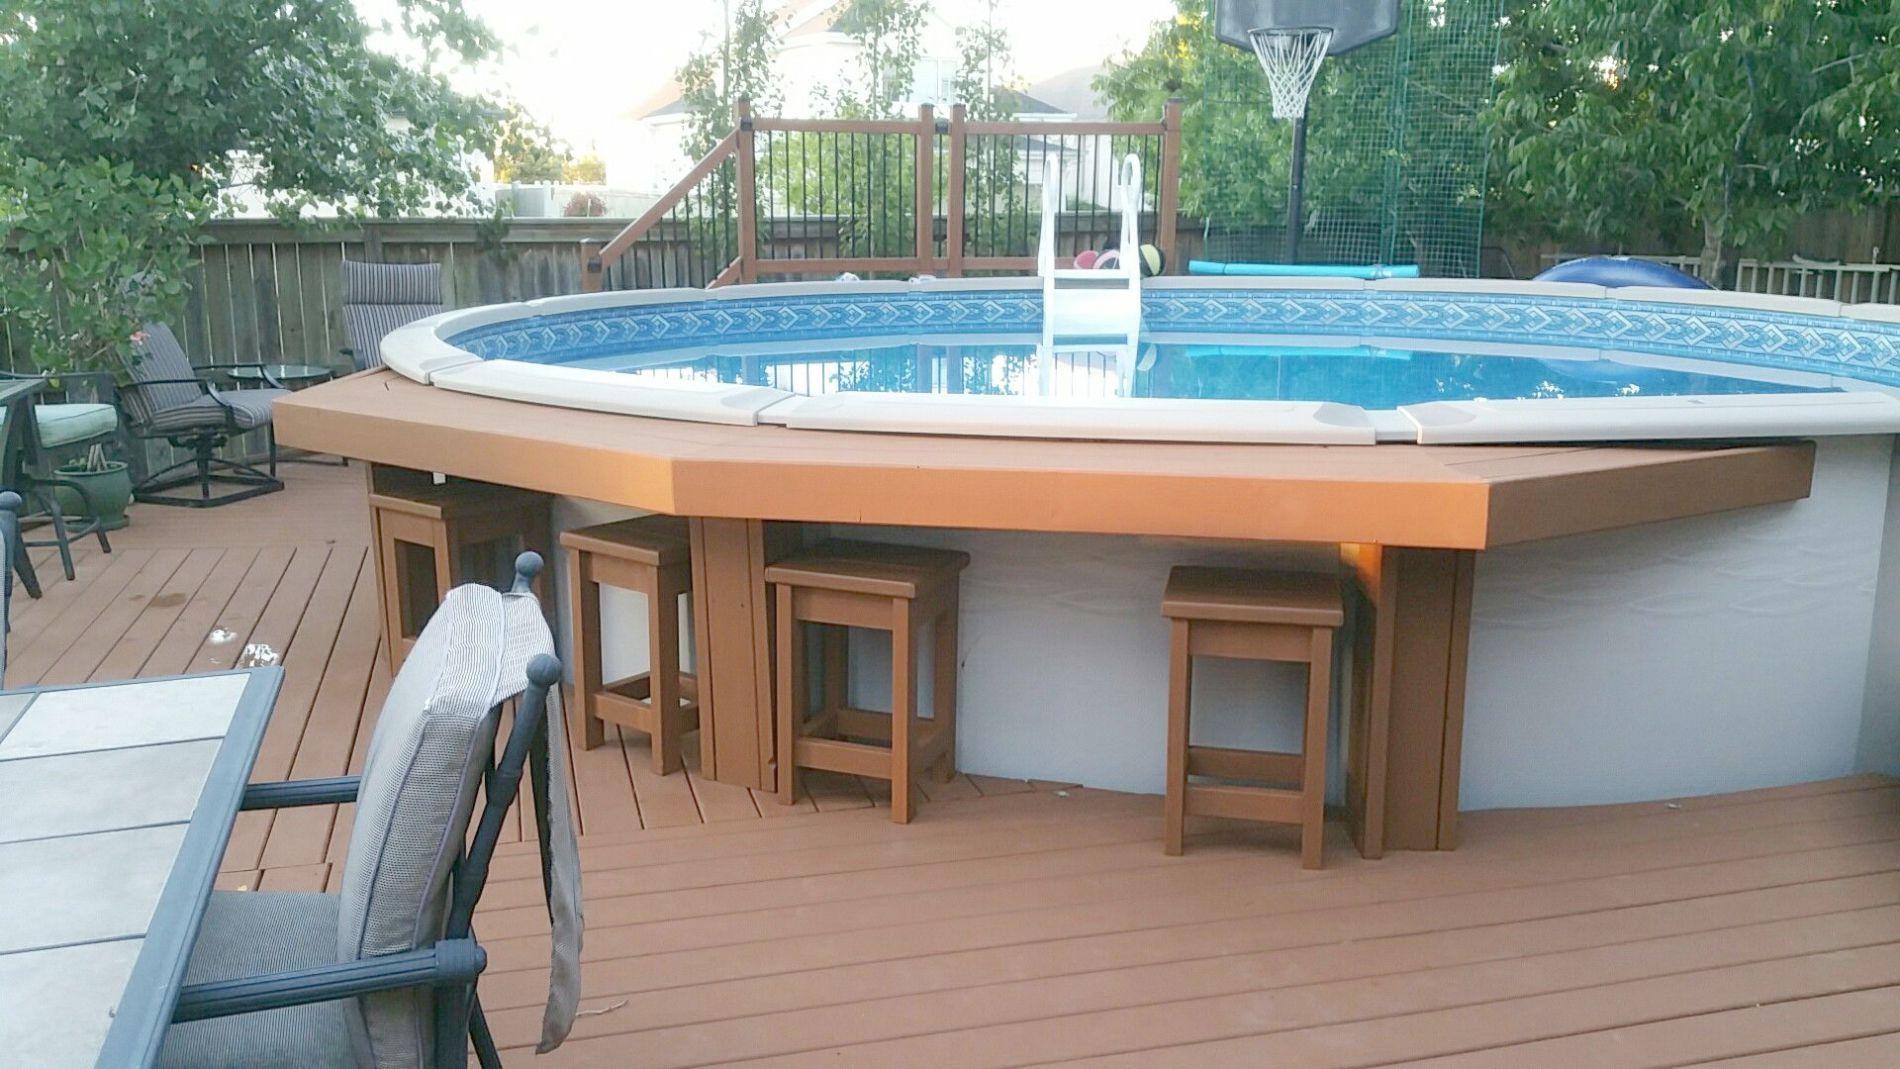 Professional Landscape Design Software Uk To Landscape Ideas For Split Entry Homes Landscape Des Backyard Pool Landscaping Backyard Pool Small Backyard Pools